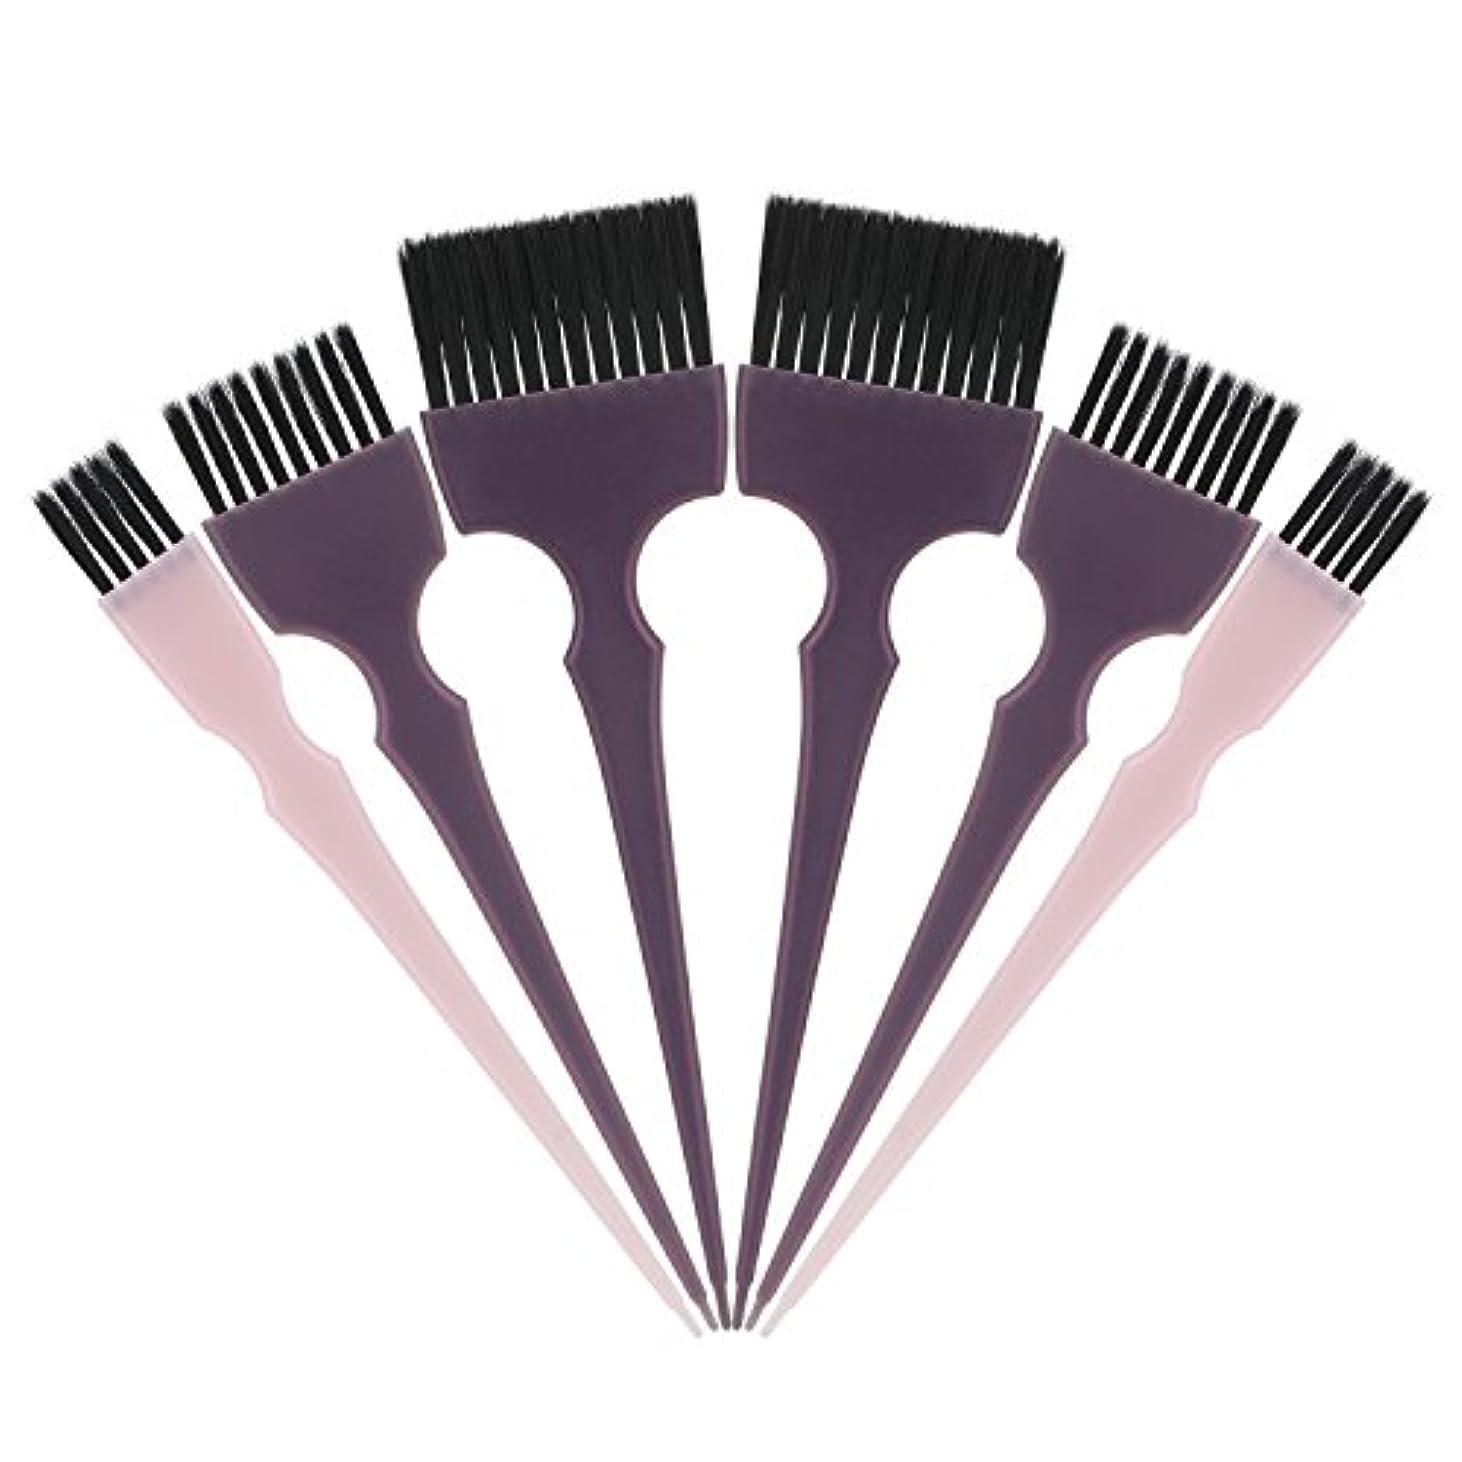 薄汚いファッションカトリック教徒Segbeauty 髪染めのブラシ 六本のセット サロンの美髪用 プロのヘアカラーリング用